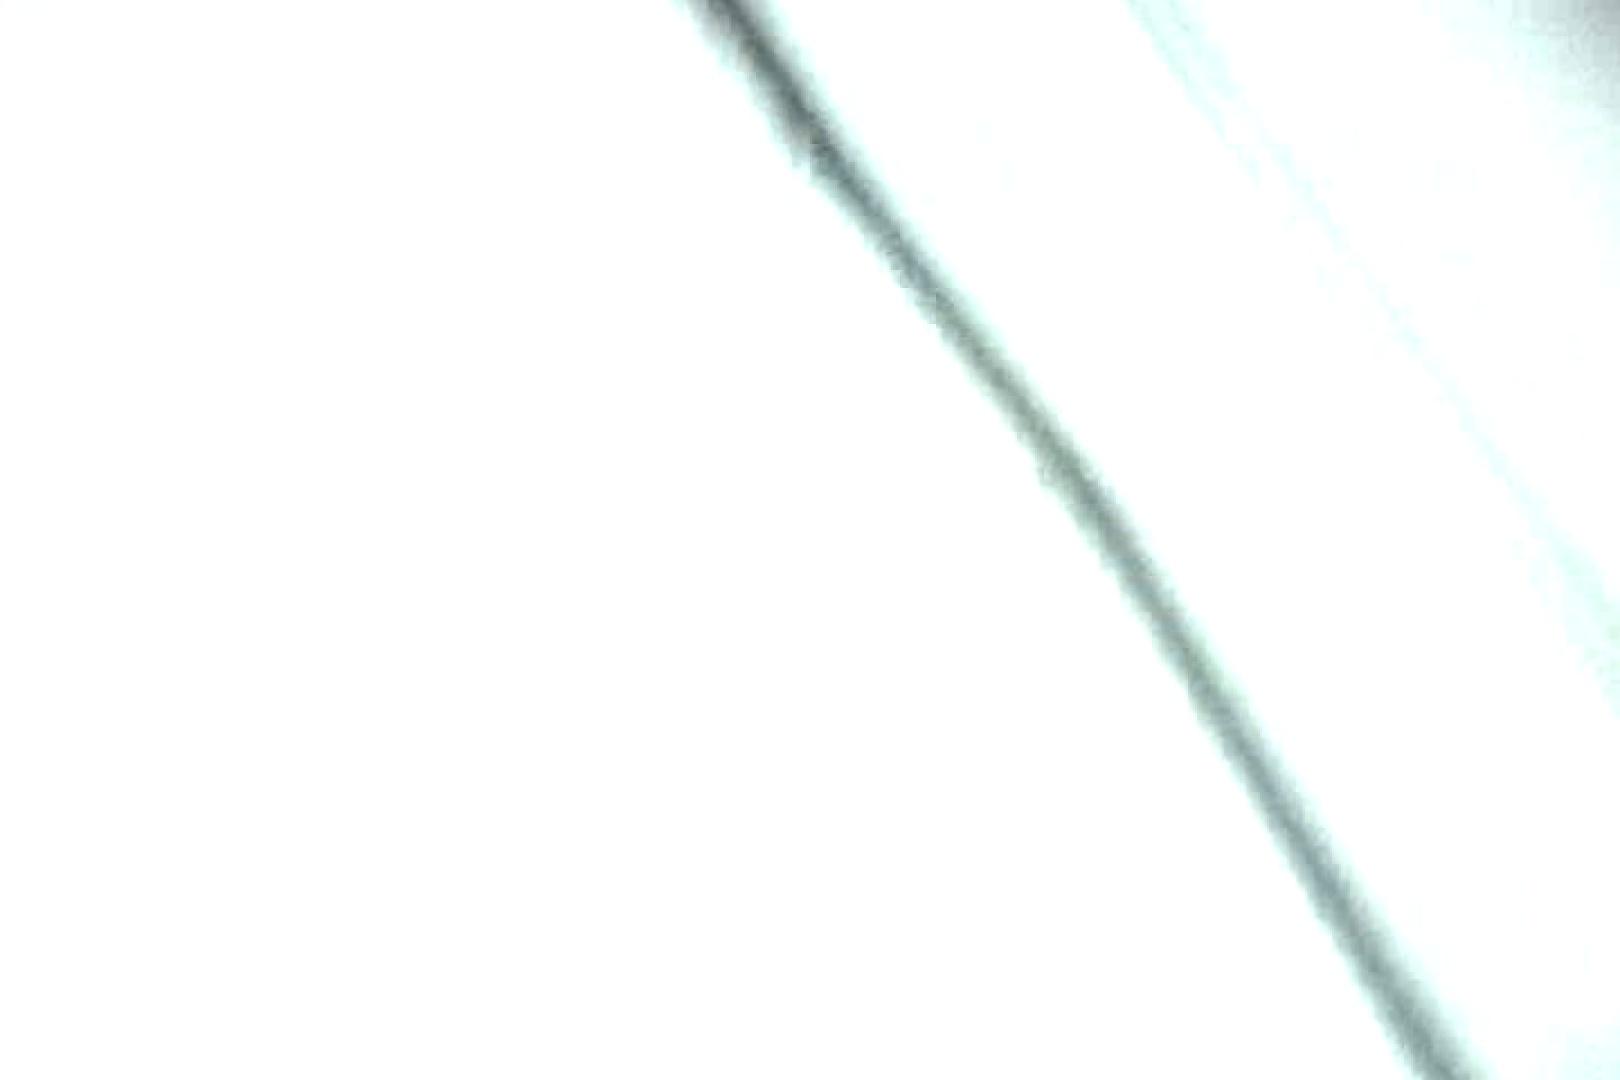 充血監督の深夜の運動会Vol.1 OL女体 隠し撮りオマンコ動画紹介 49連発 7